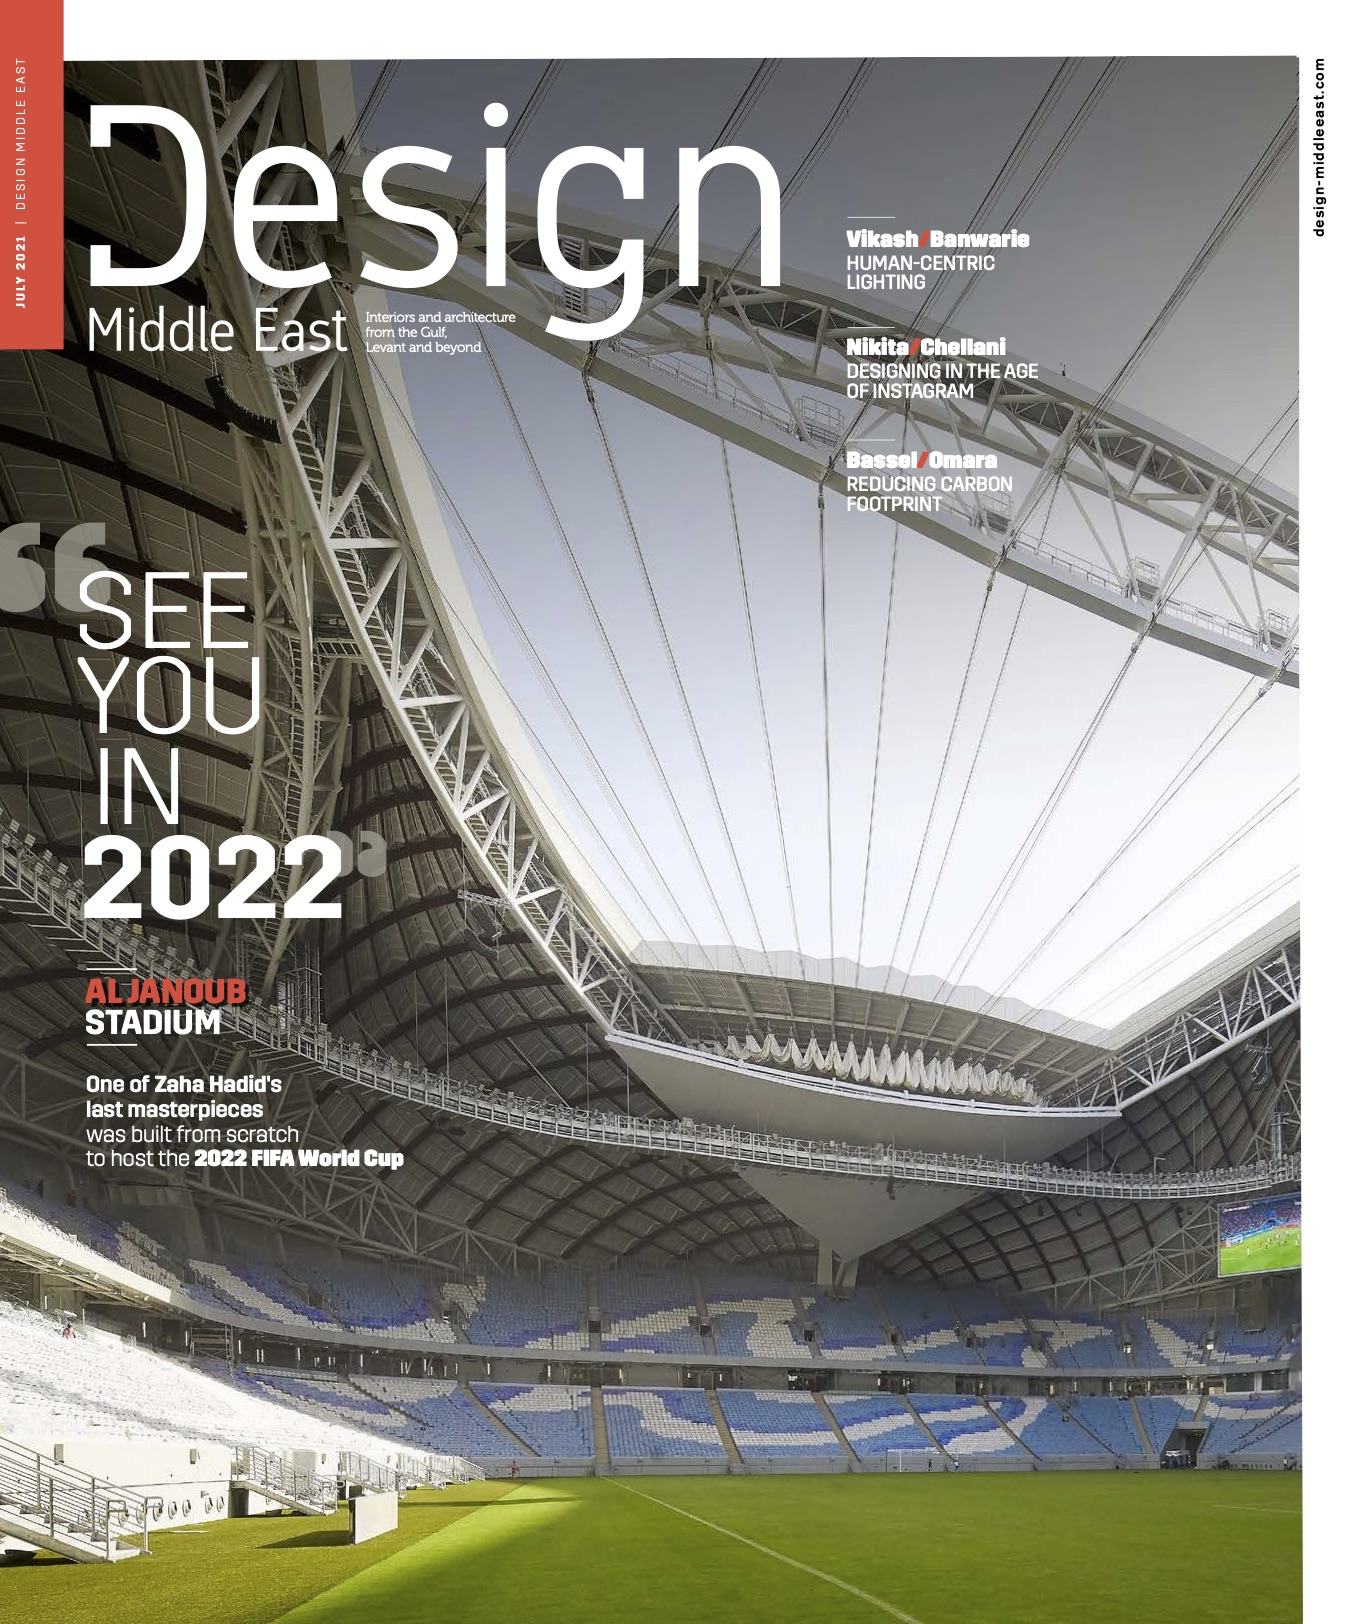 Design Middle East July 2021